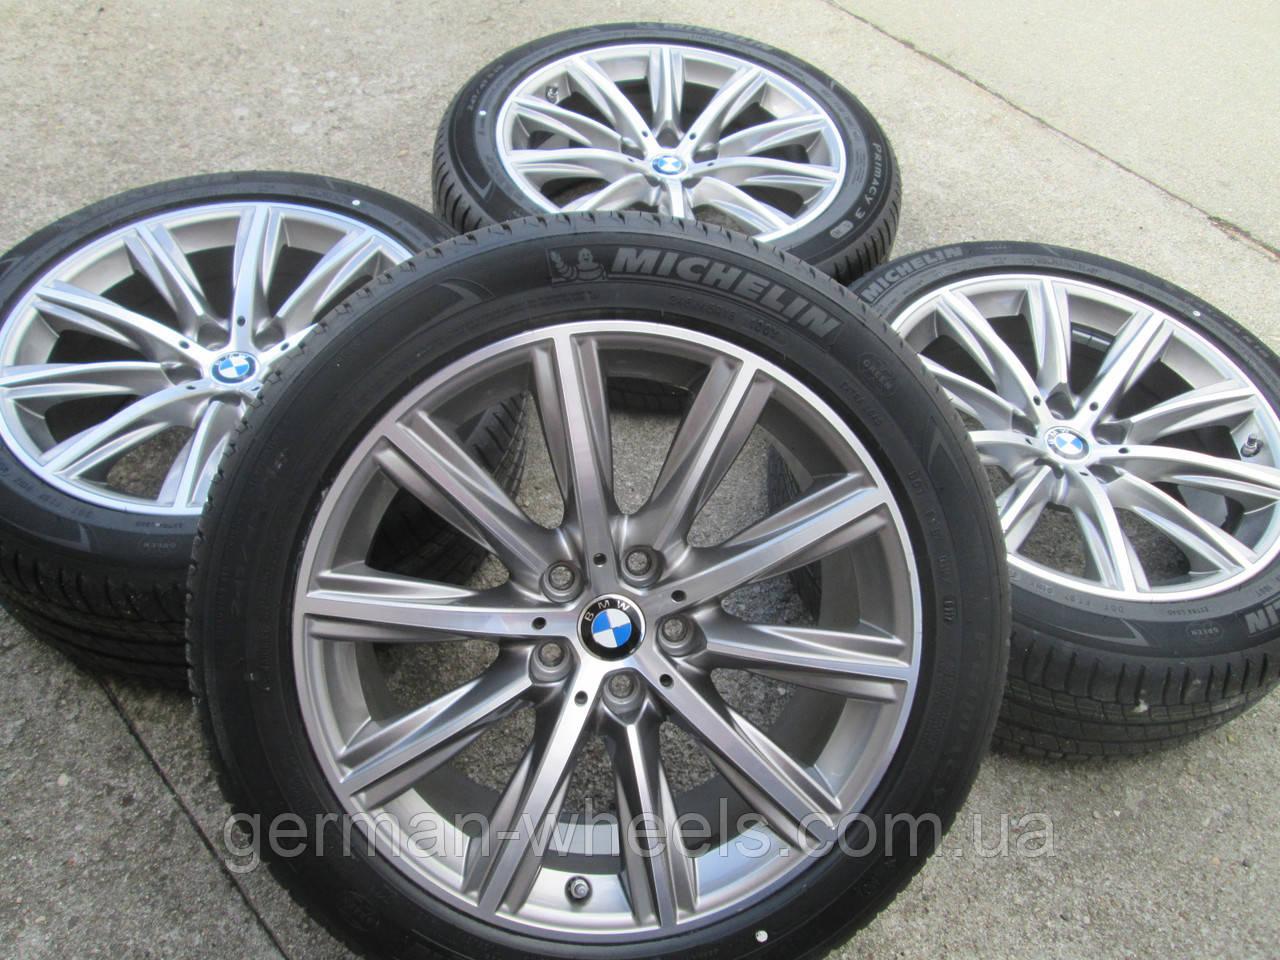 18 оригинальные колеса диски на BMW 5 M/// G30/G31